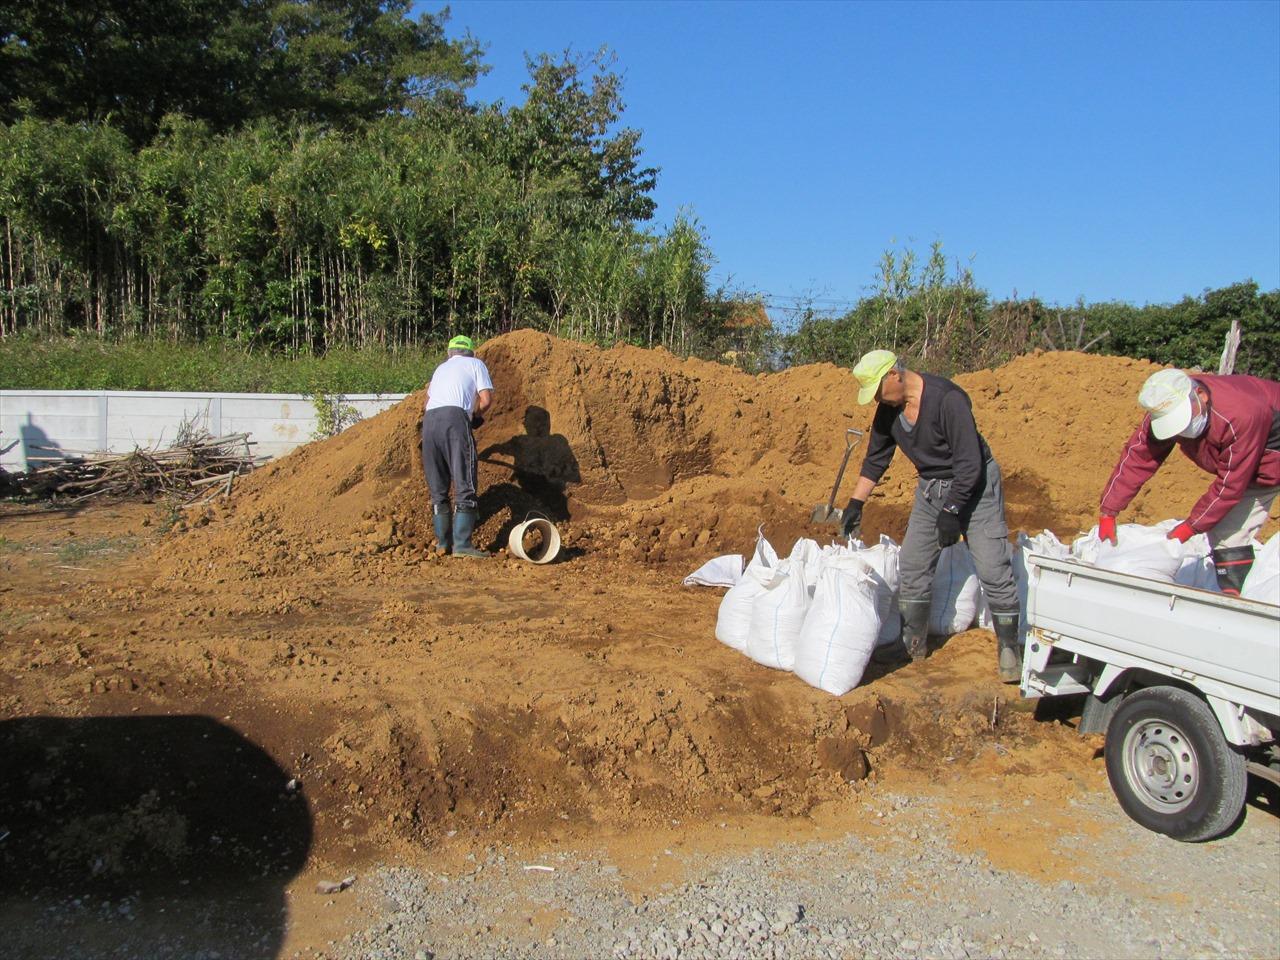 土運搬用土嚢のトラックへの積み込み